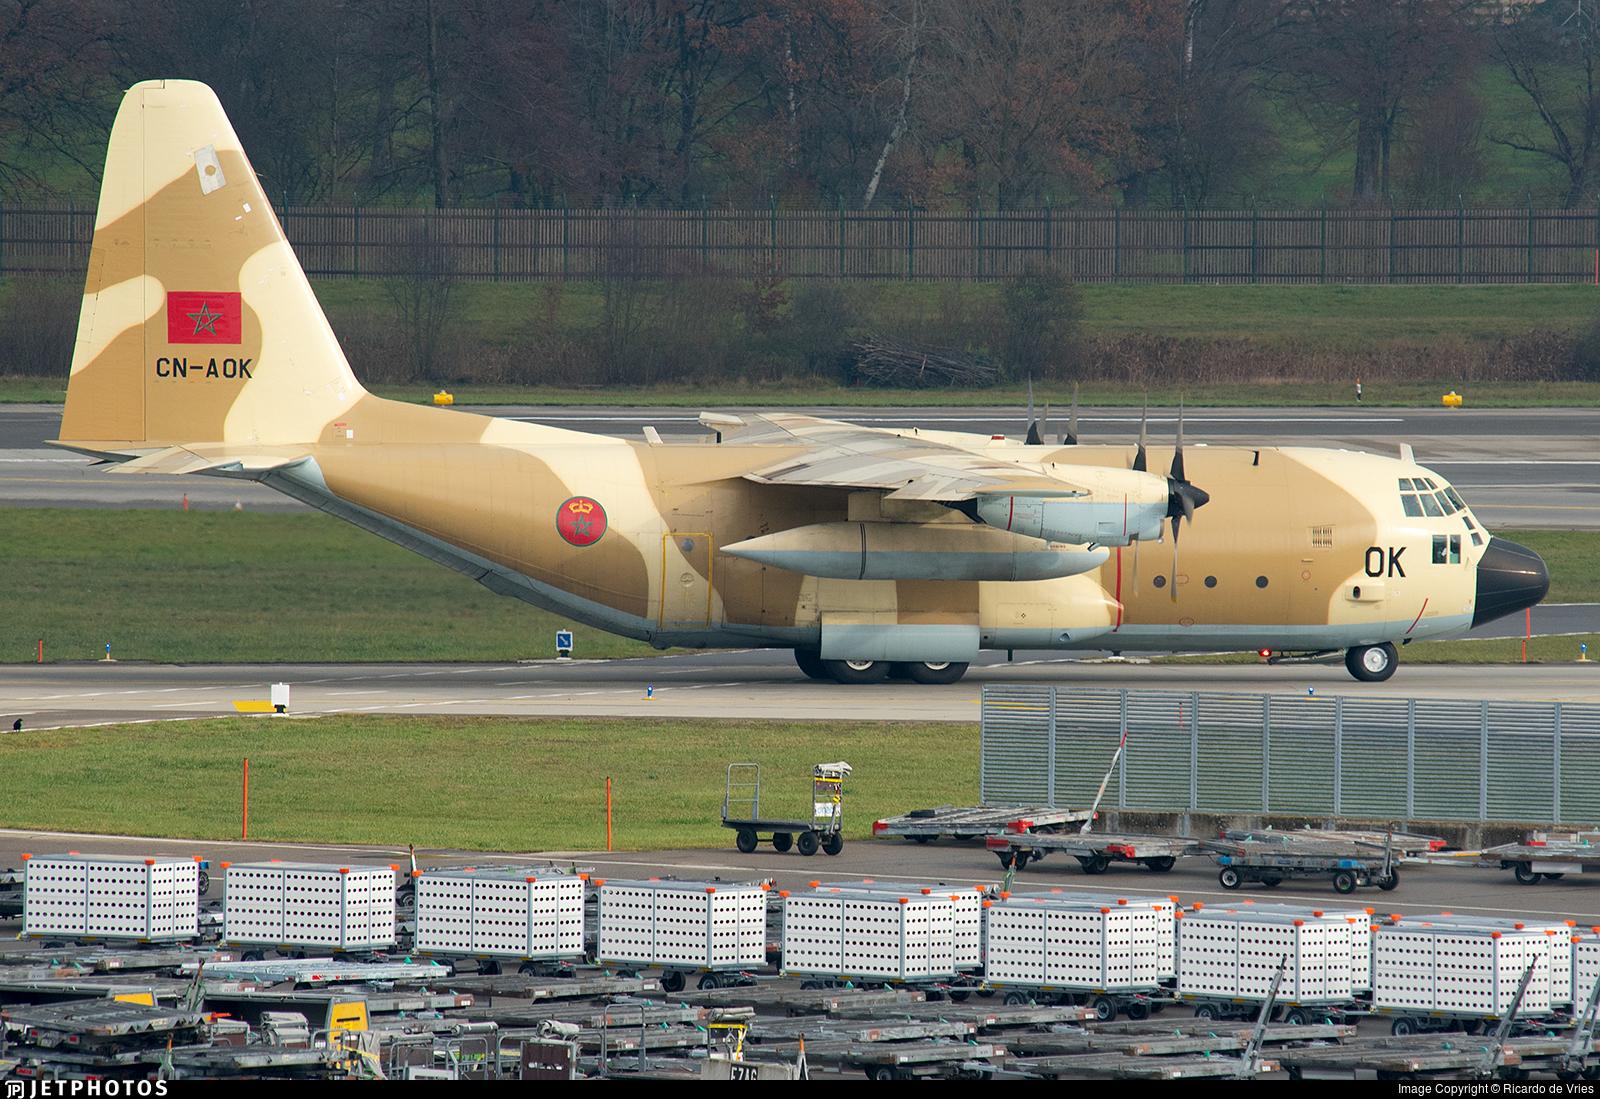 FRA: Photos d'avions de transport - Page 36 15735_1546789490